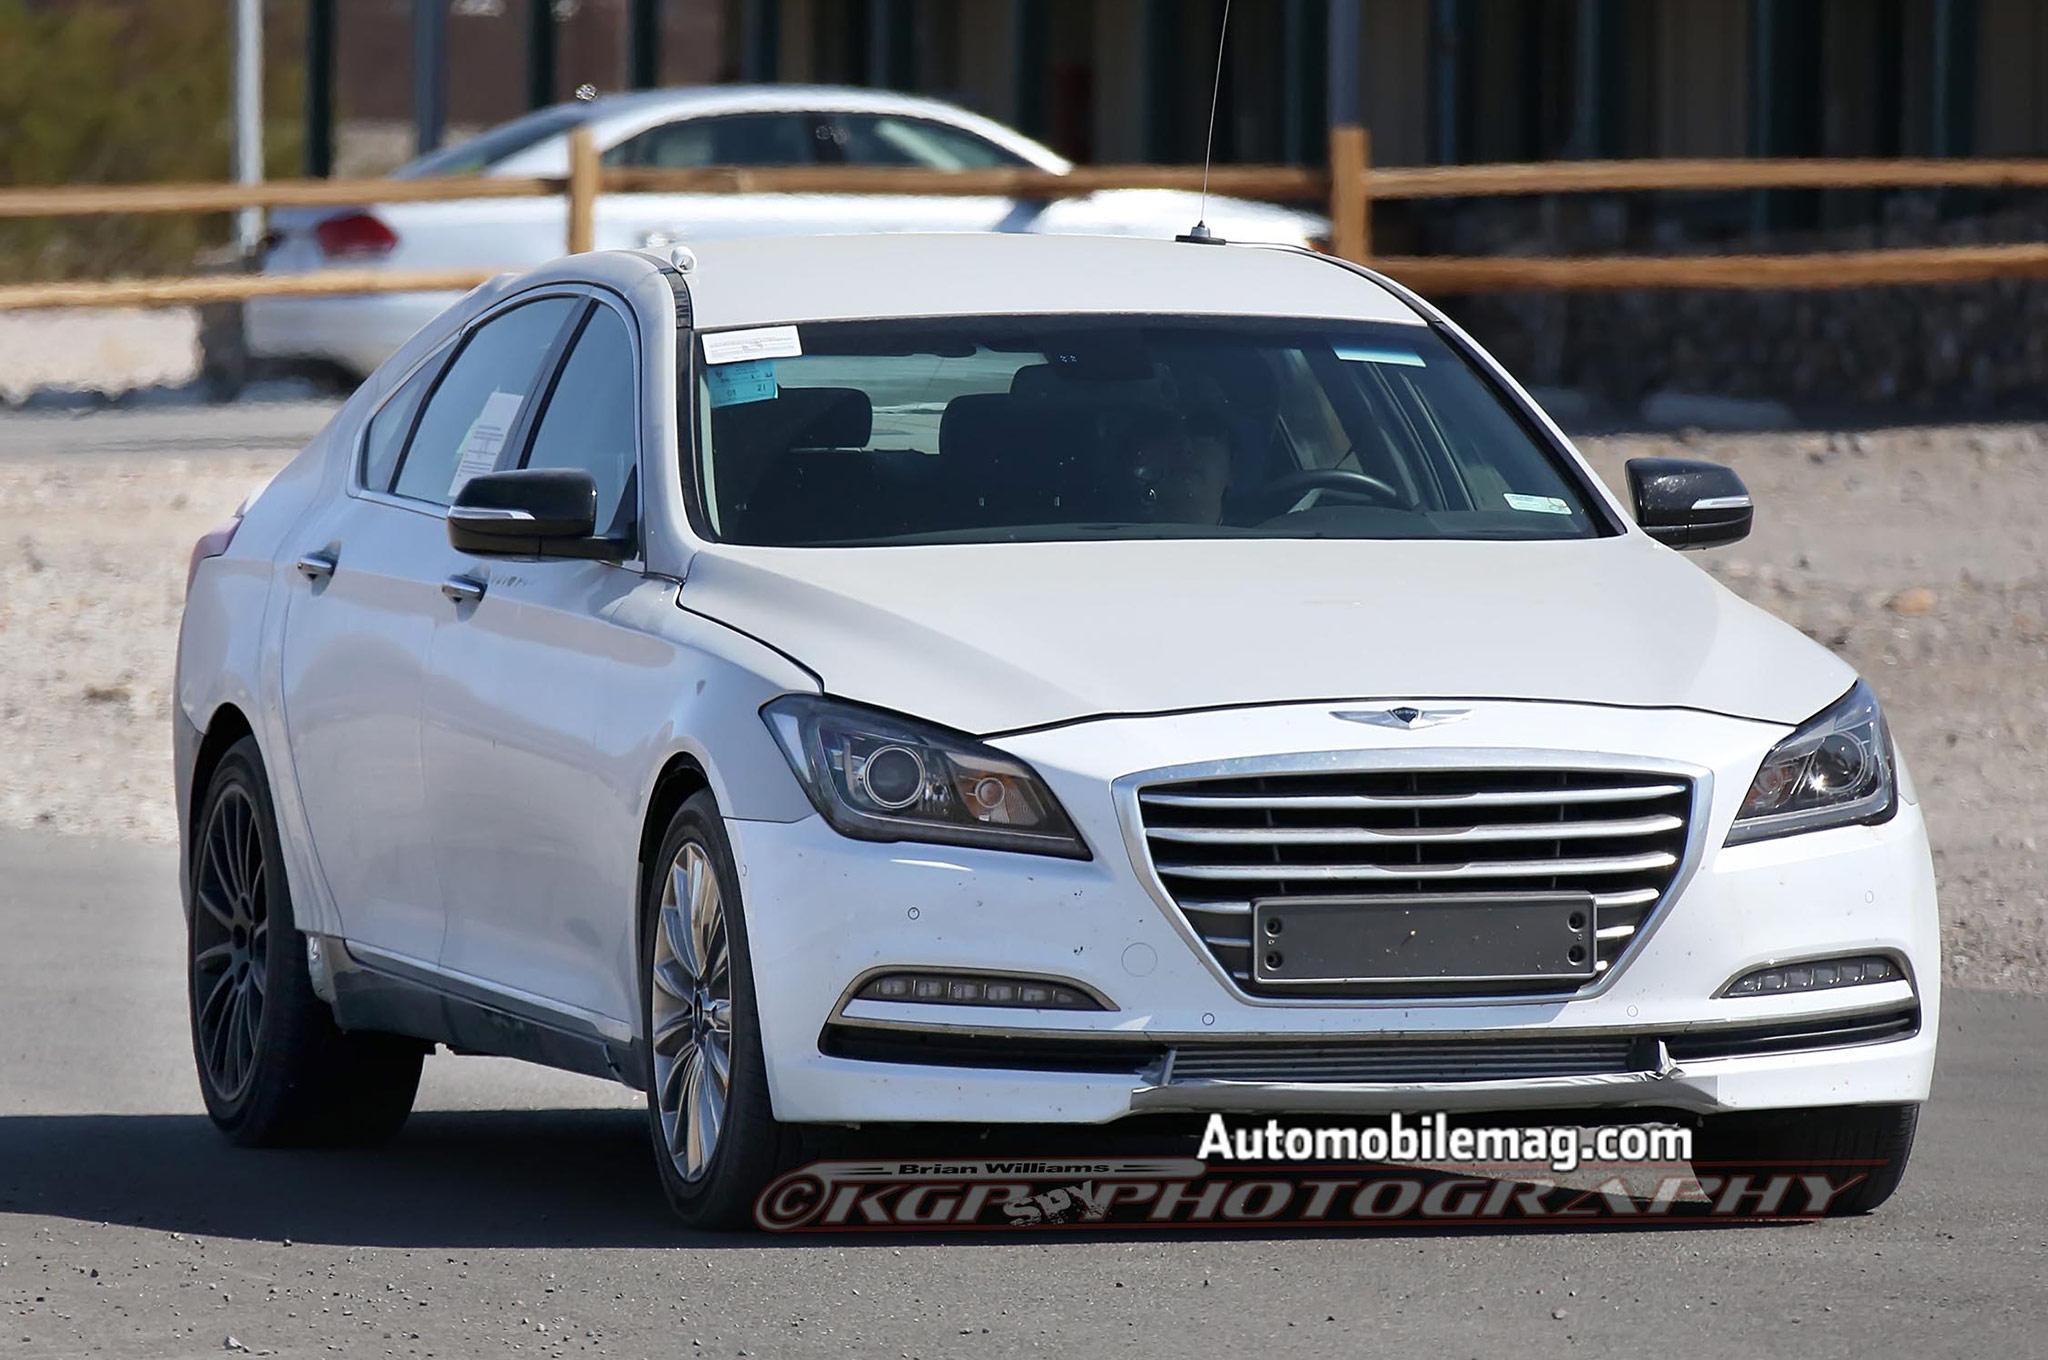 The Hyundai Equus